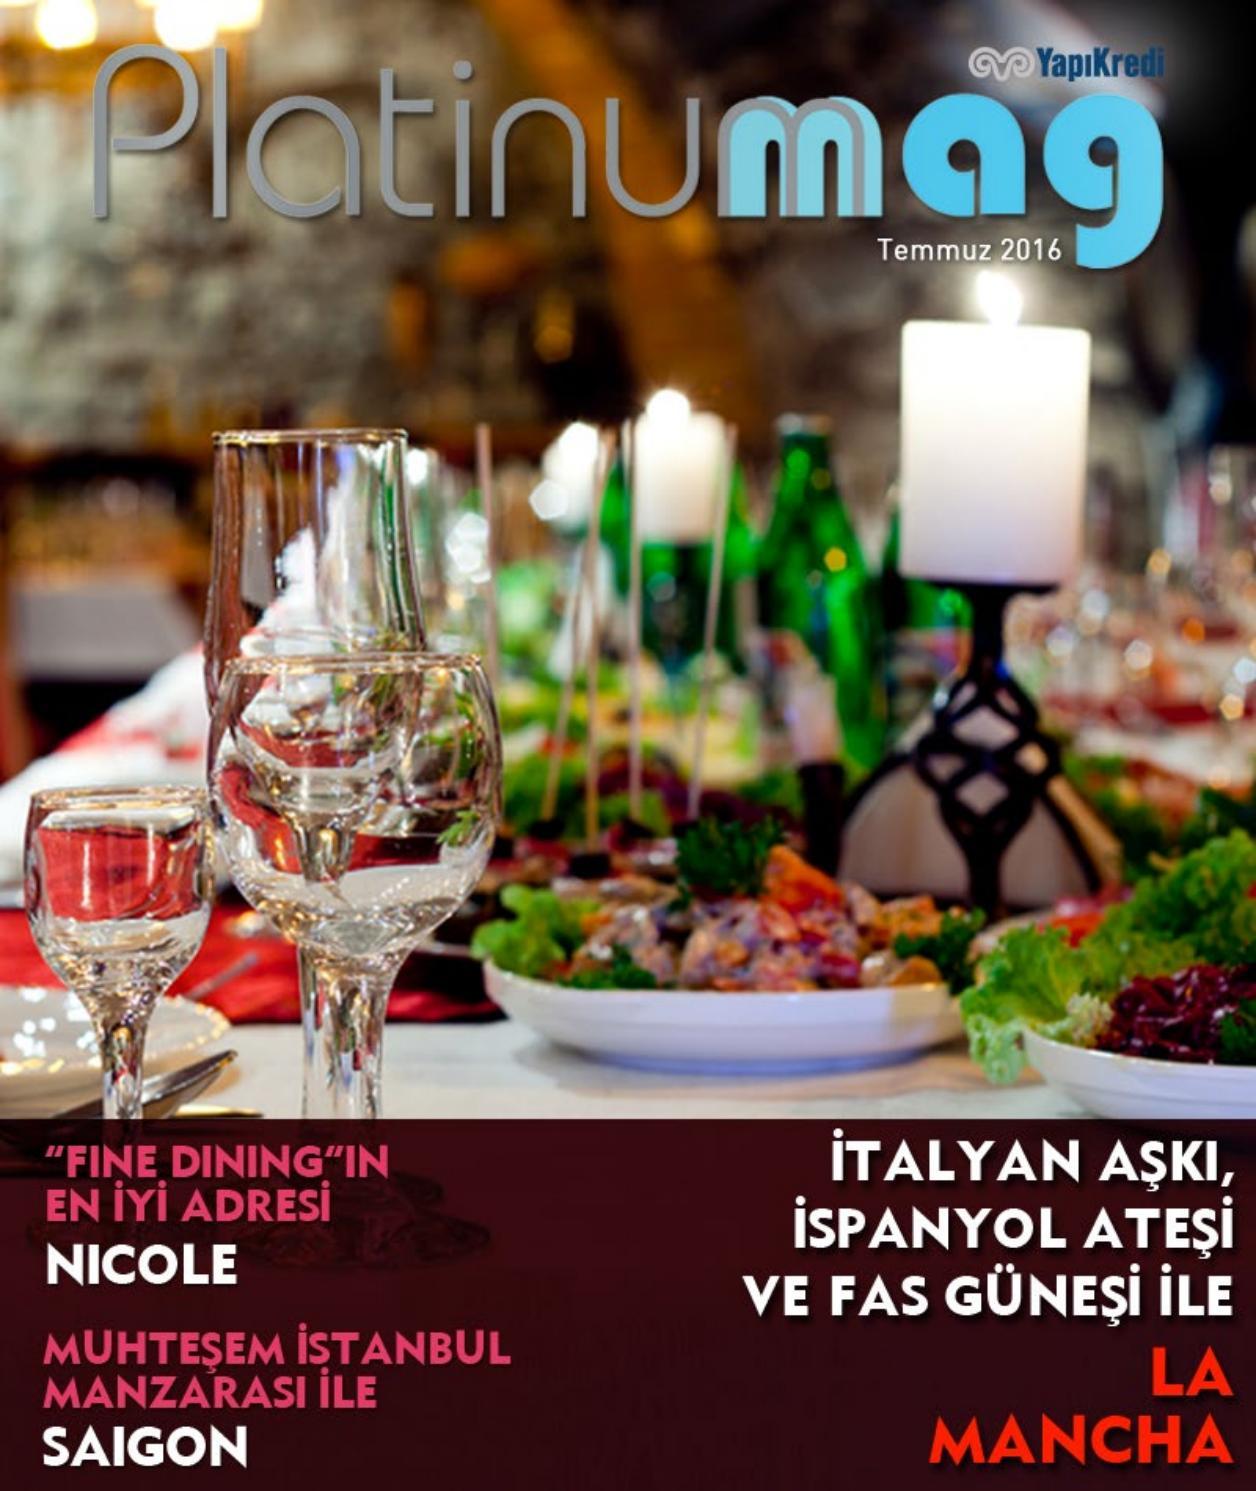 Şampanya ve yengeç çubukları ile salata: Günlük yaşam ve tatiller için lezzetli yemekler için 5 basit yemek tarifleri 83